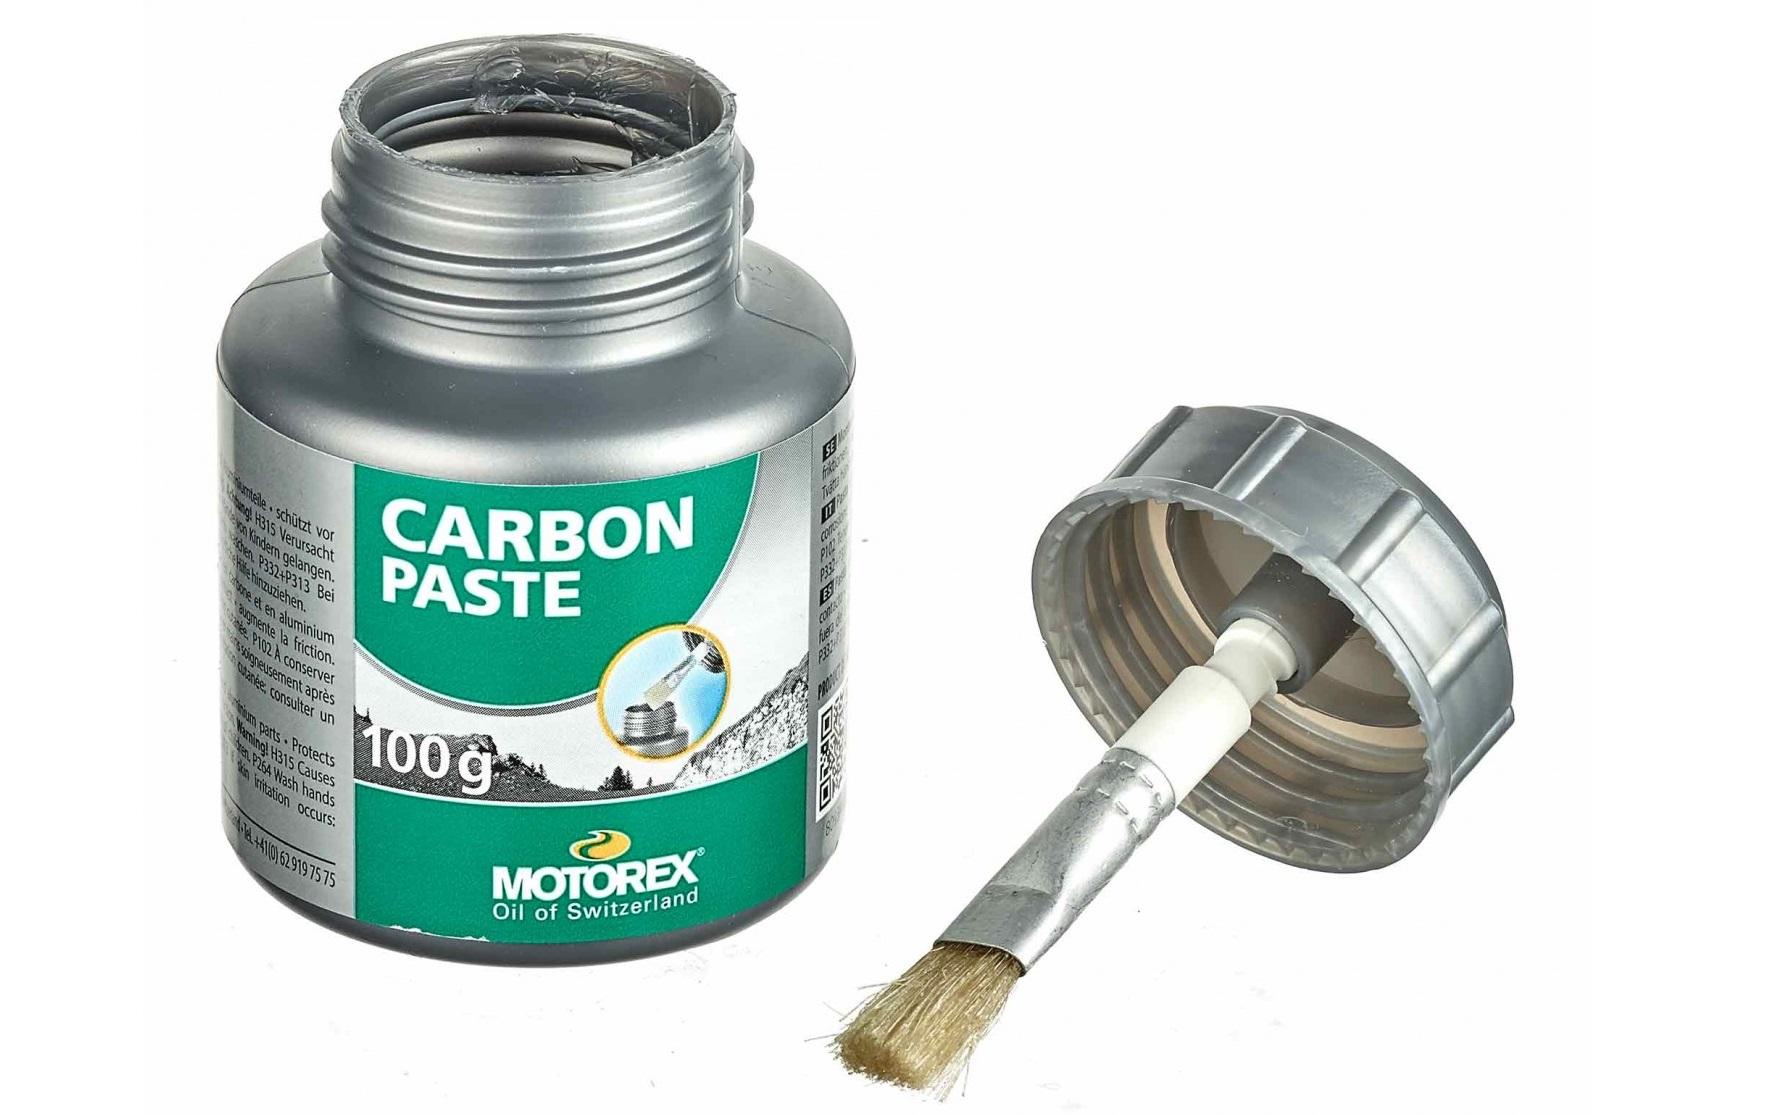 motorex carbon paste 100g pasta za karbon okvirje